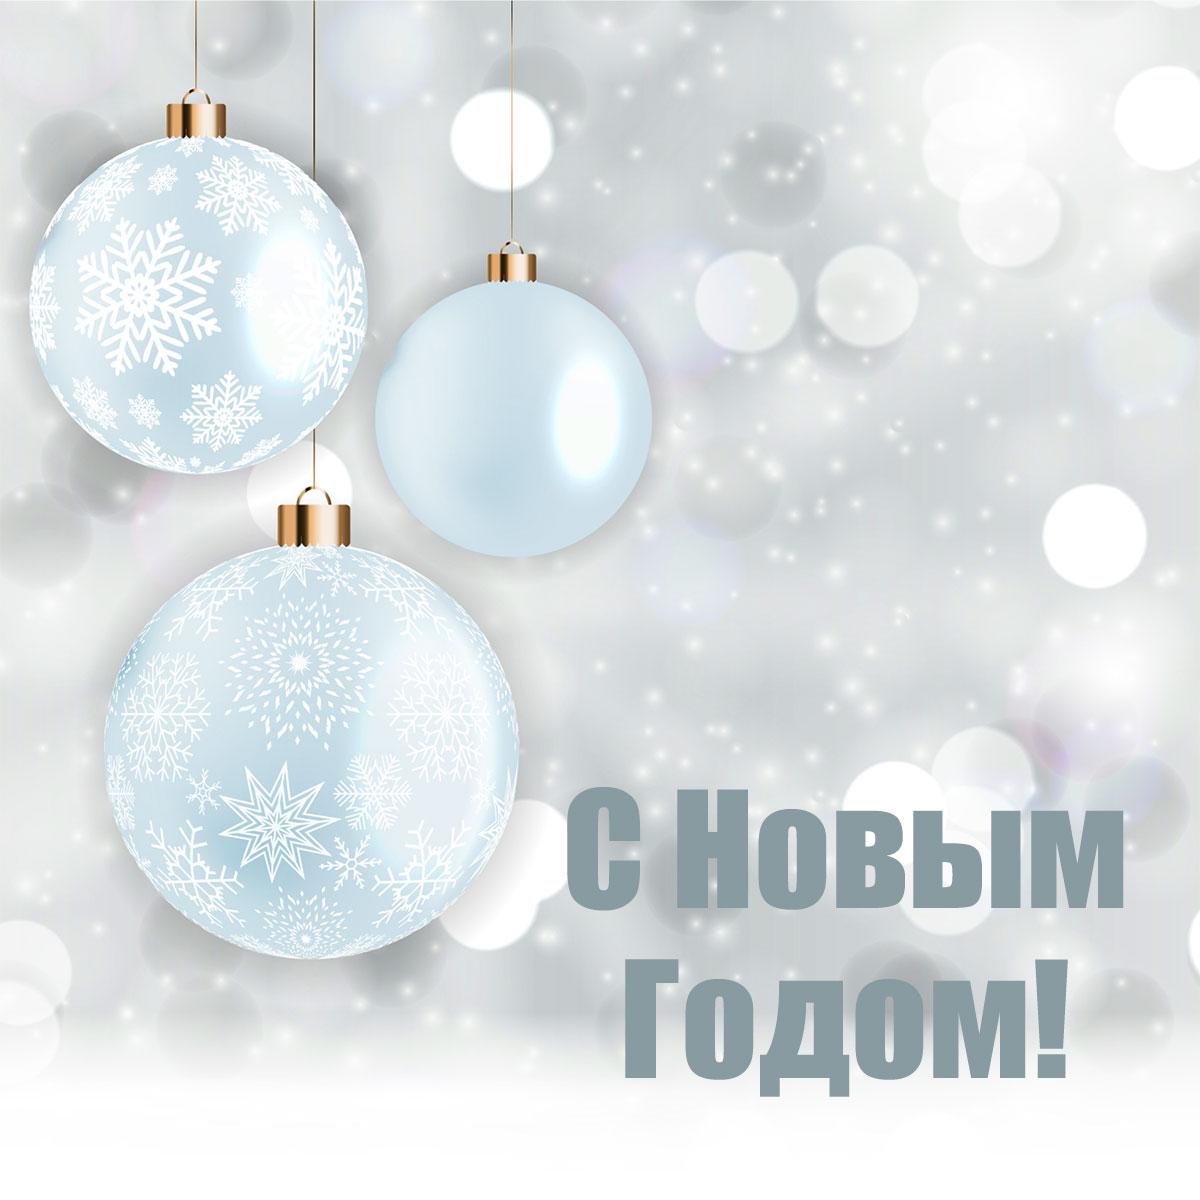 Серая картинка с круглыми голубыми шарами и снежинками.